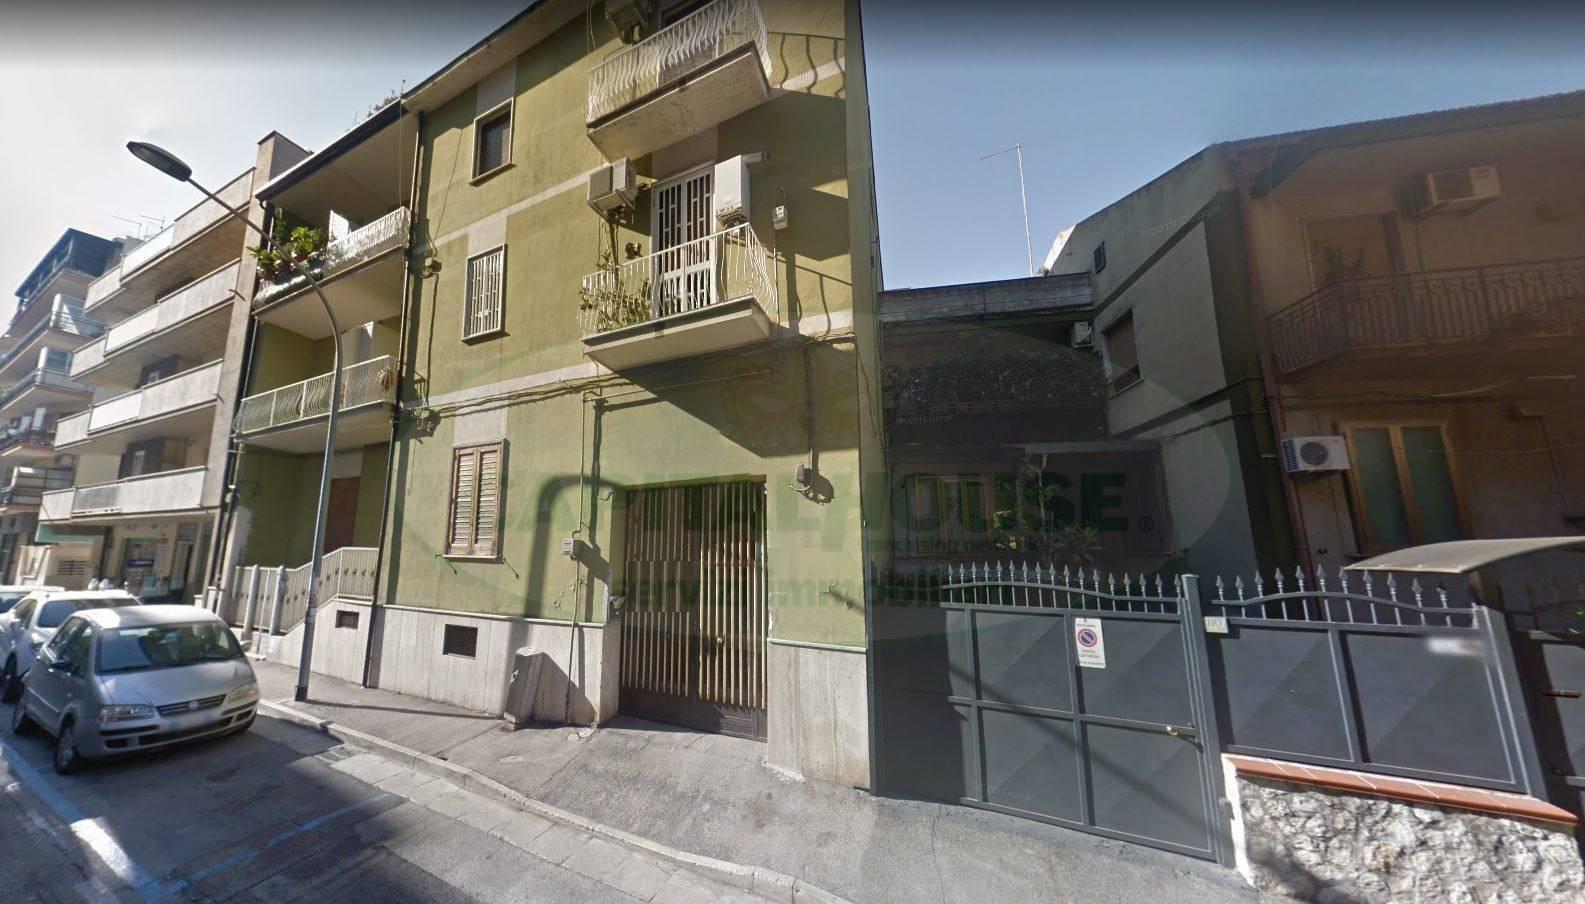 Appartamento in vendita a Caserta, 2 locali, zona Località: Lincoln, prezzo € 55.000 | CambioCasa.it